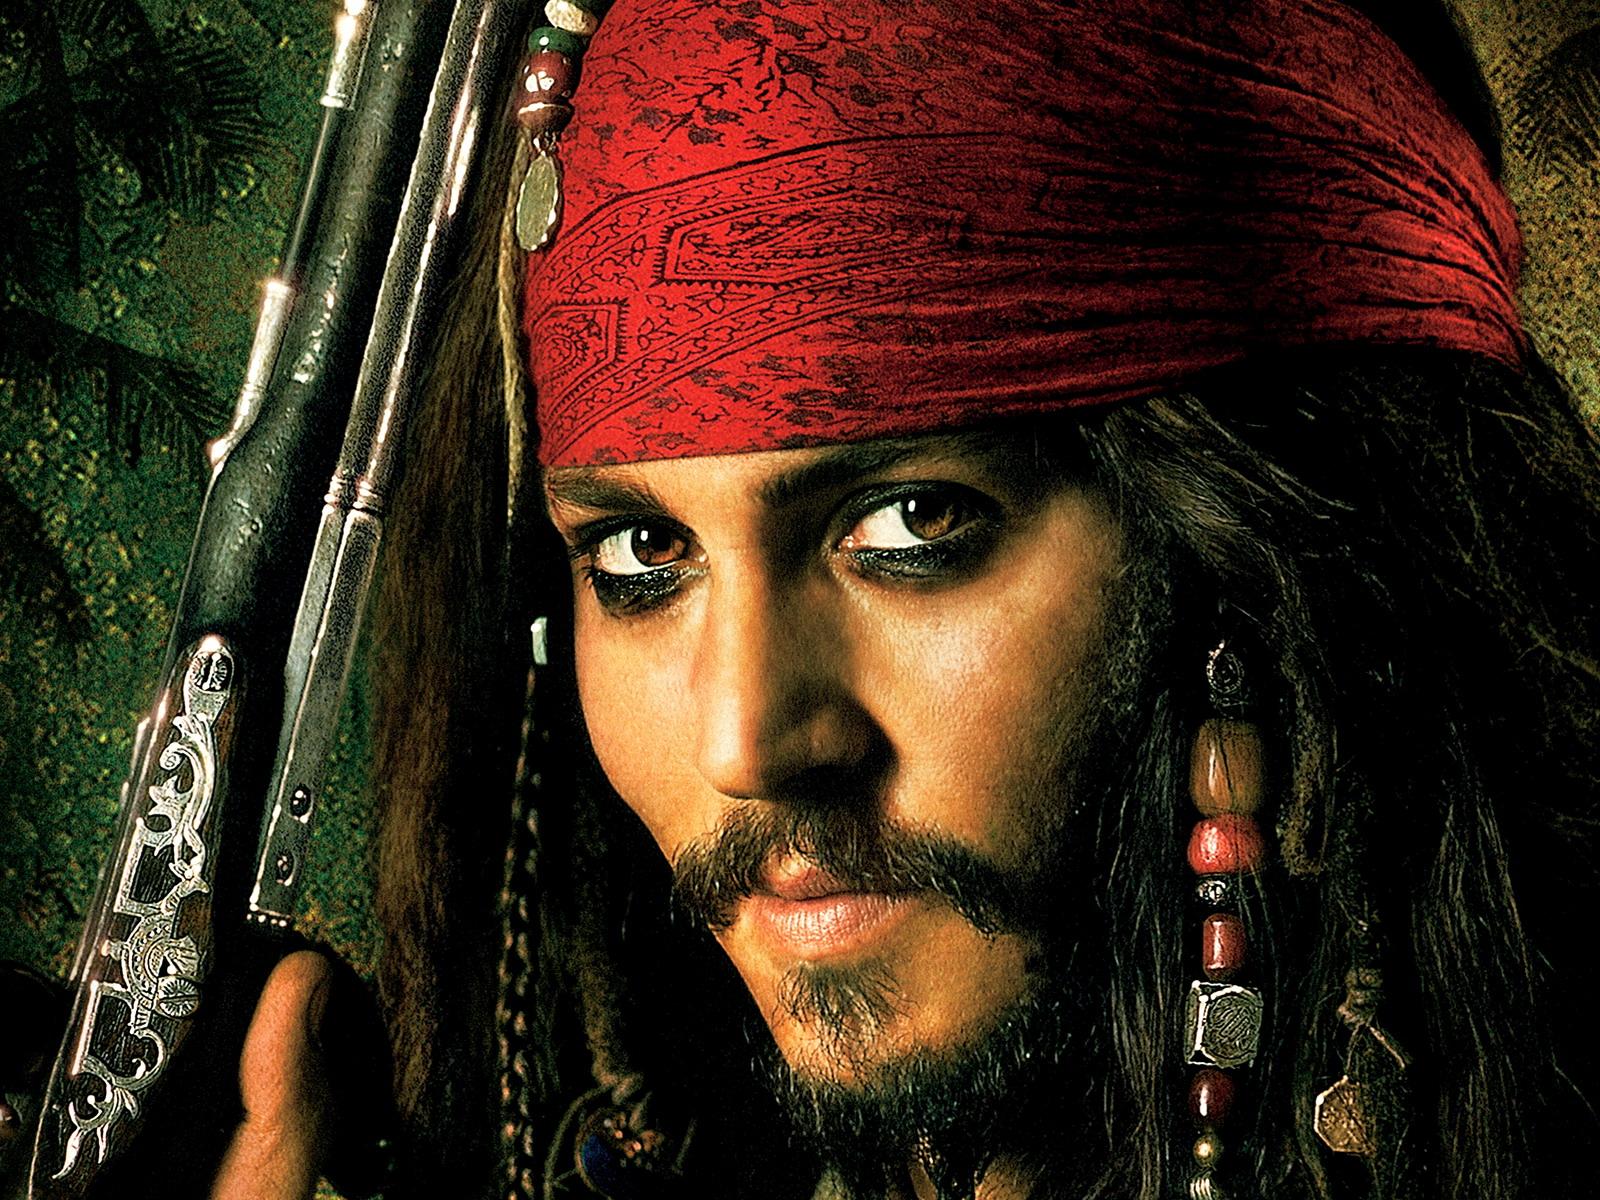 http://2.bp.blogspot.com/-3-L1if5QOog/UDUTsomG_kI/AAAAAAAARo0/uw4gF5fYArs/s1600/Pirates.jpg